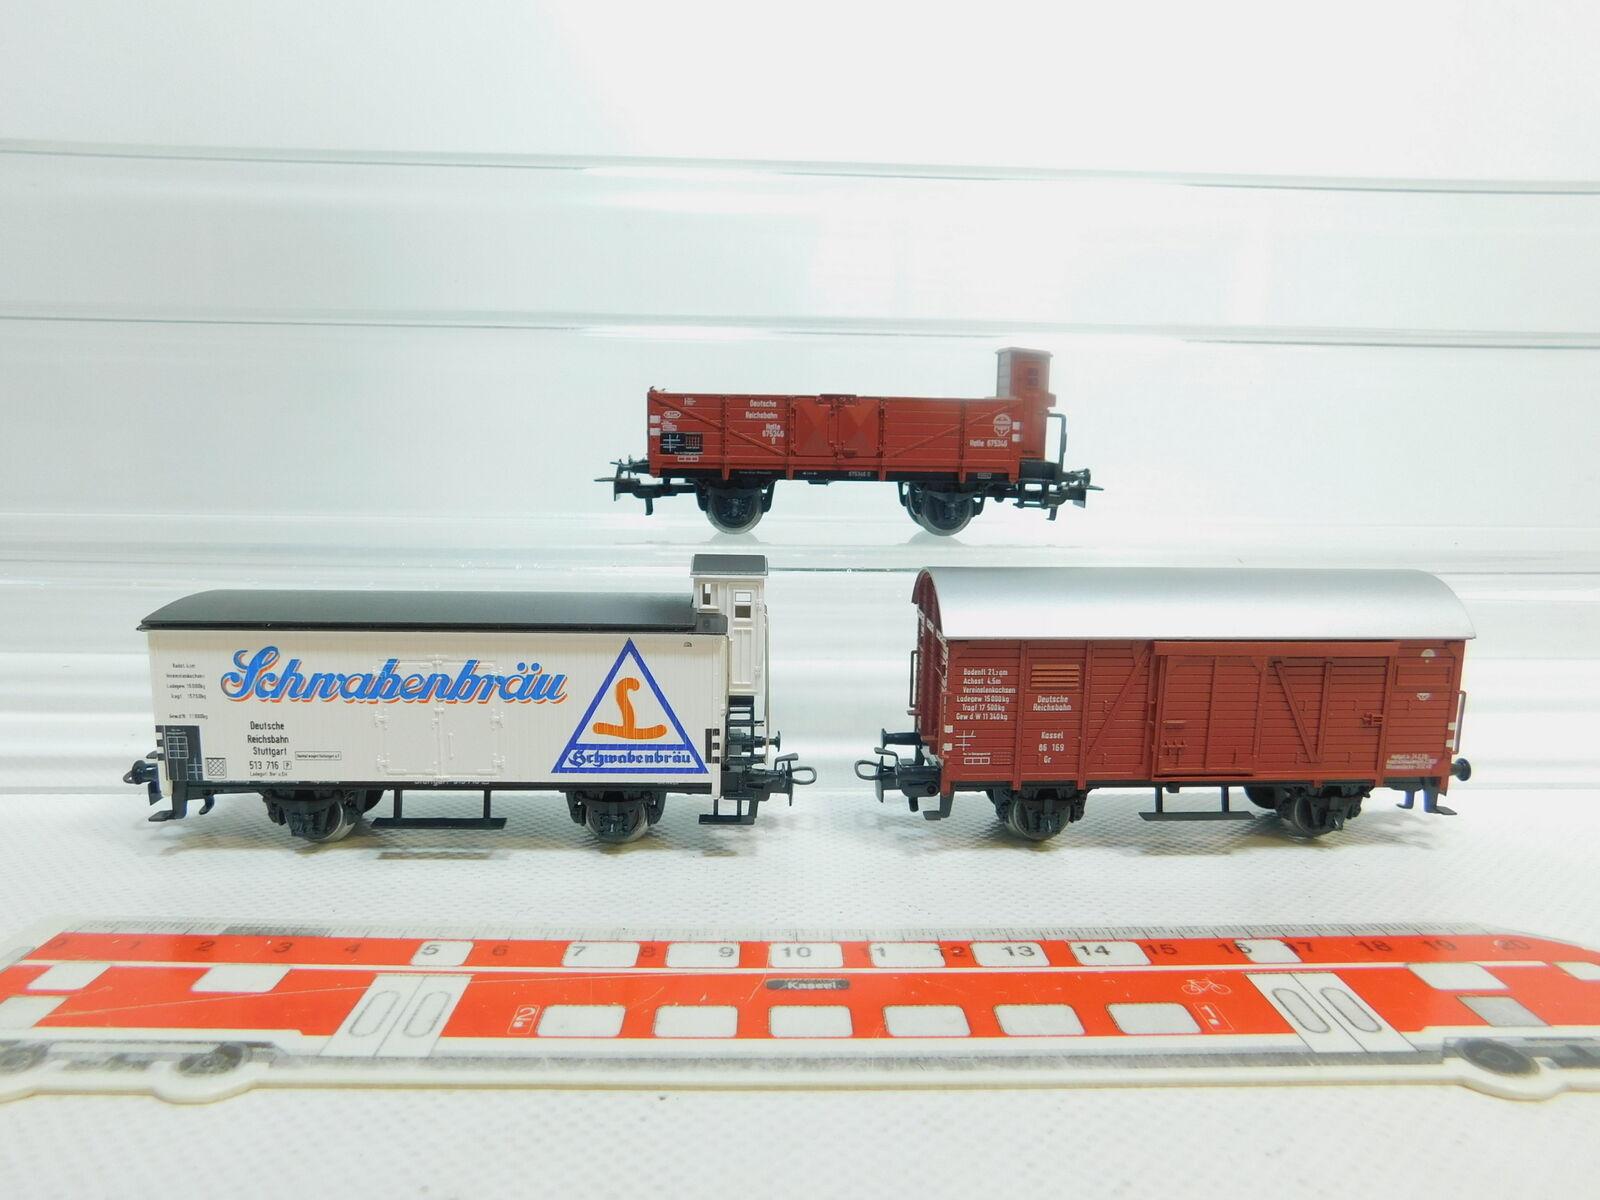 Bm64-0, 5 X MÄRKLIN H0 AC FREIGHT CAR DRG   4680 Schwabenbräu +86 169 +675346